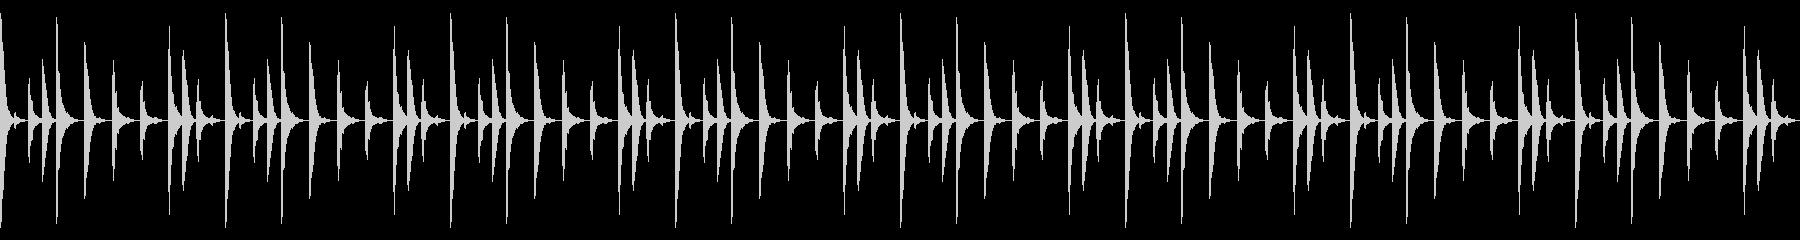 Future bassのドラムパターンの未再生の波形